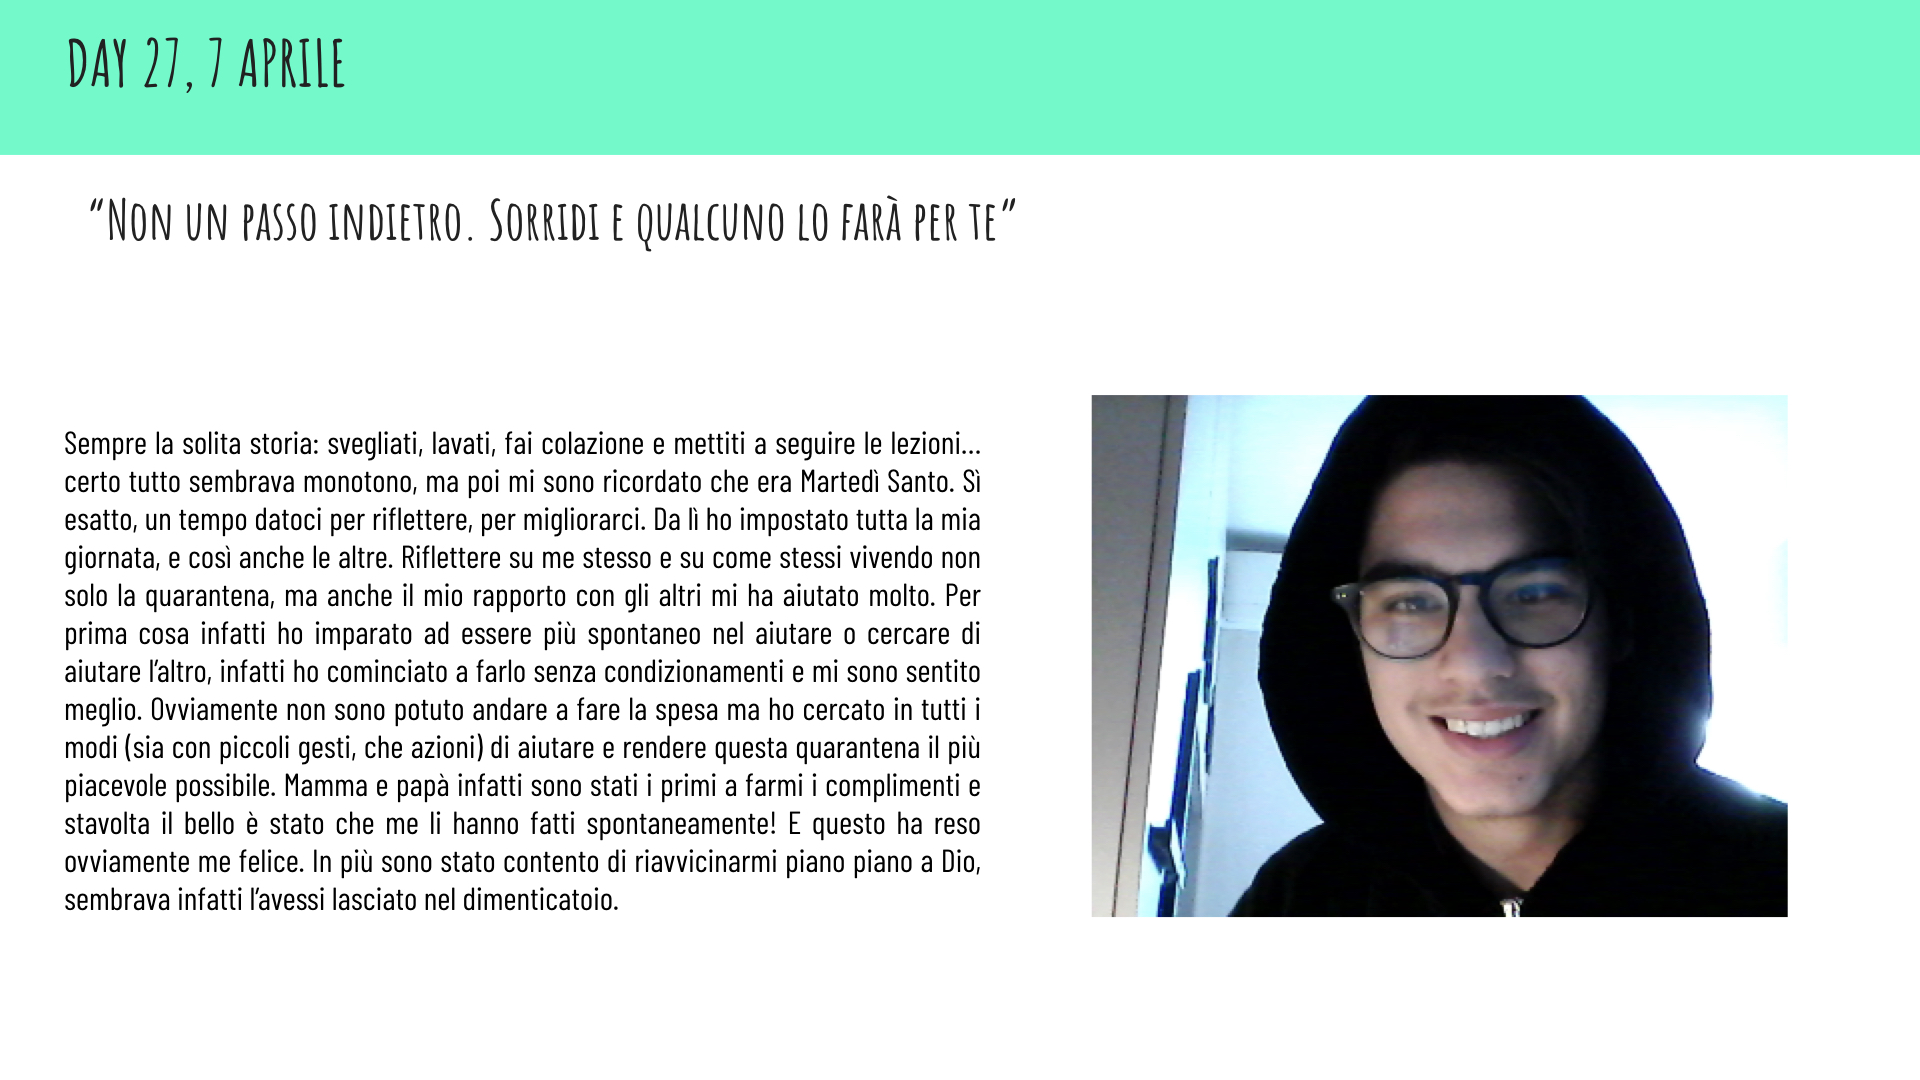 Diario.022